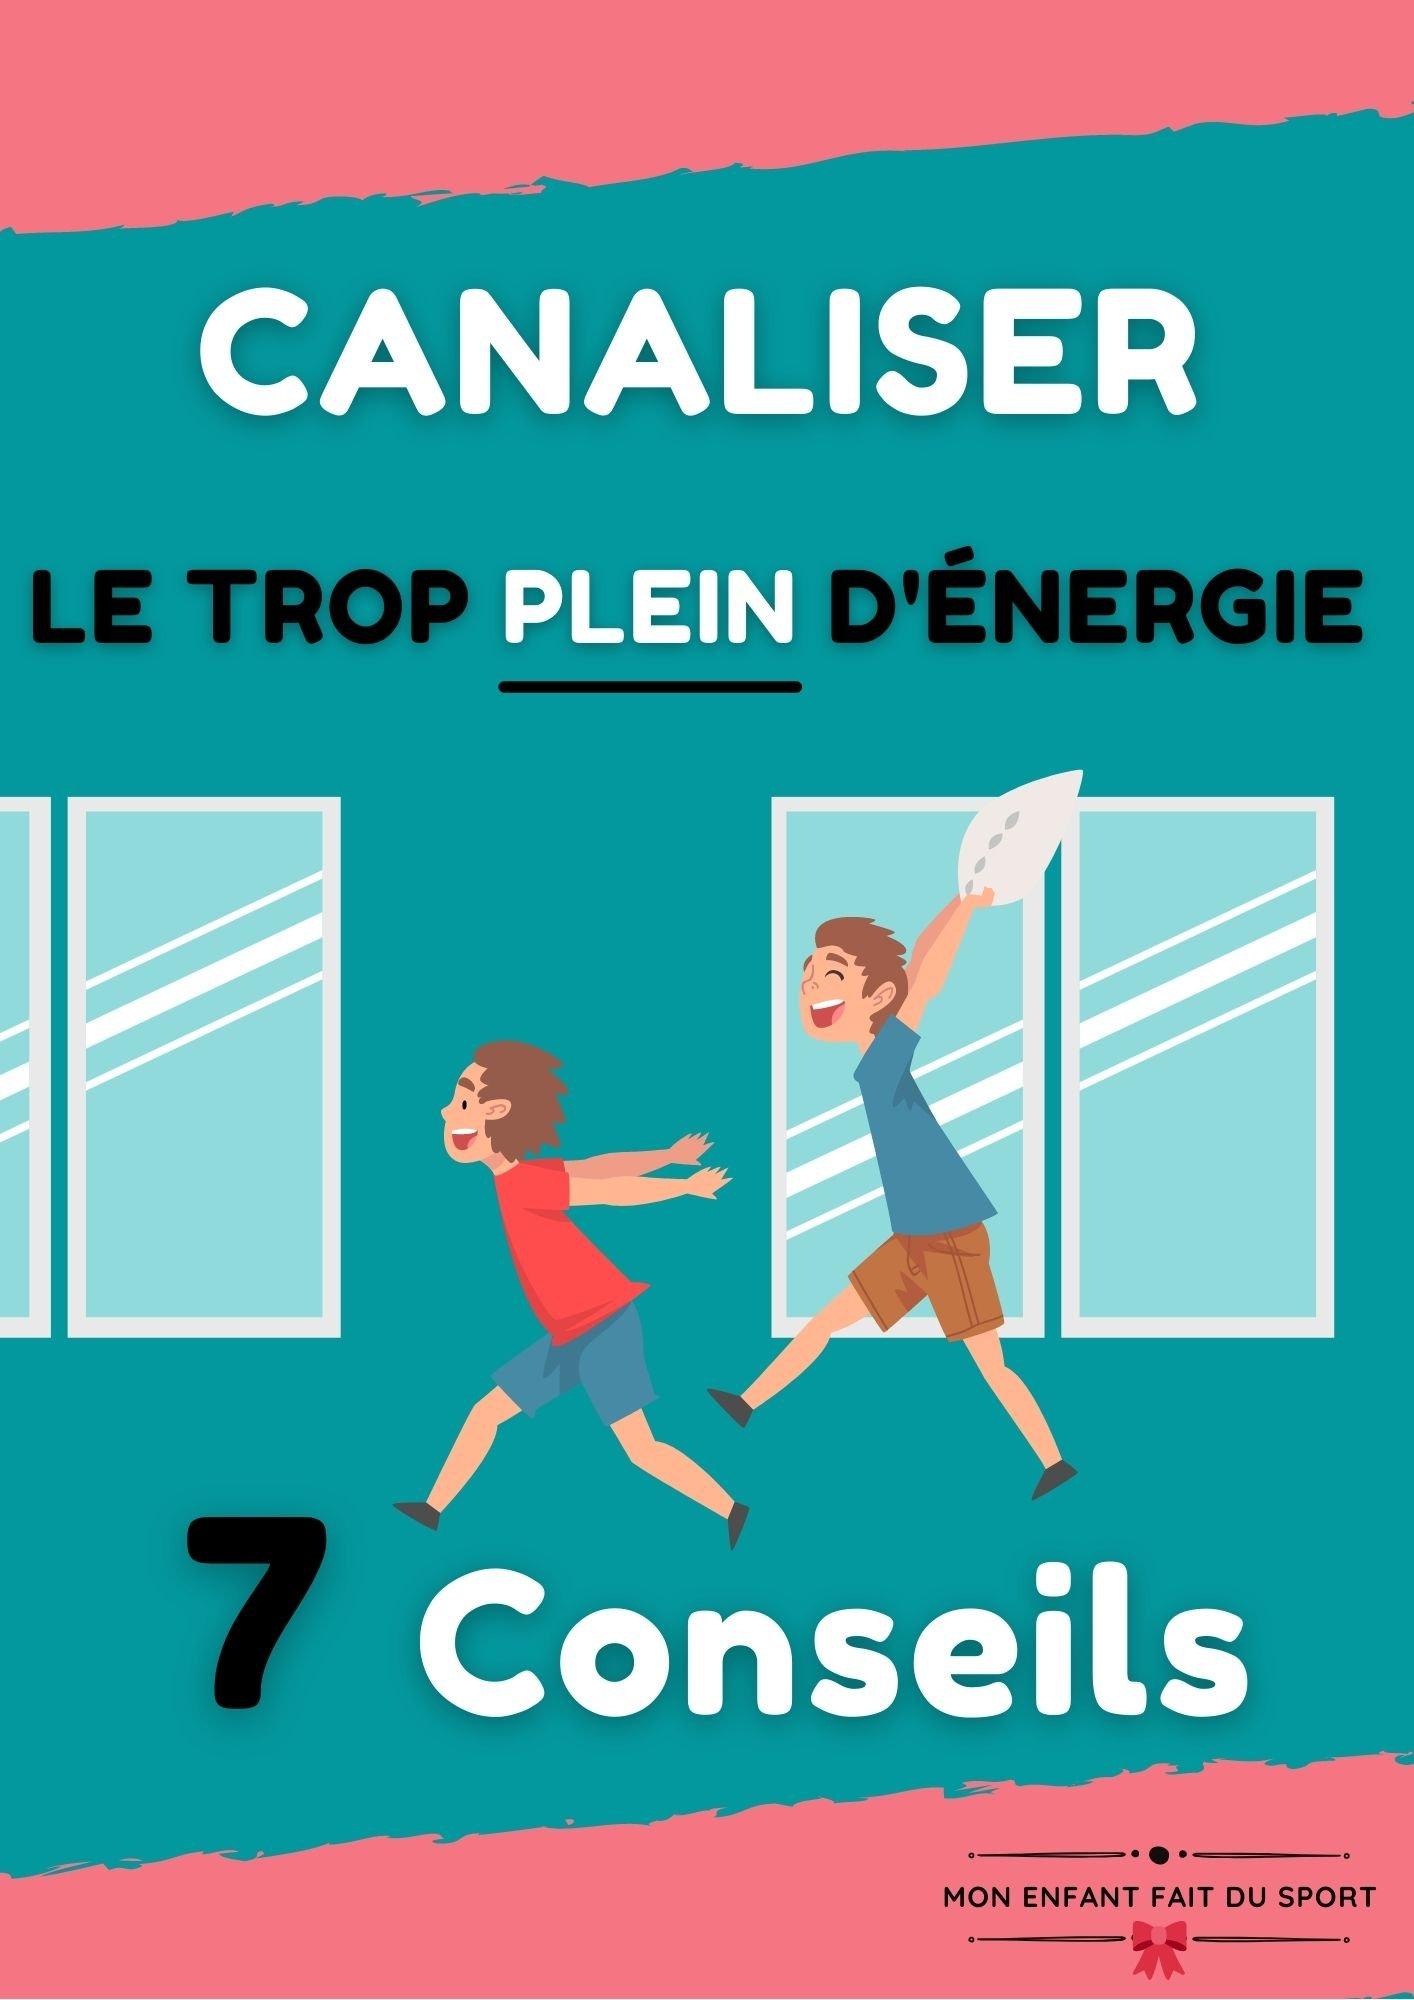 7 idées-Pour canaliser l'énergiede son enfant, brocante (9)